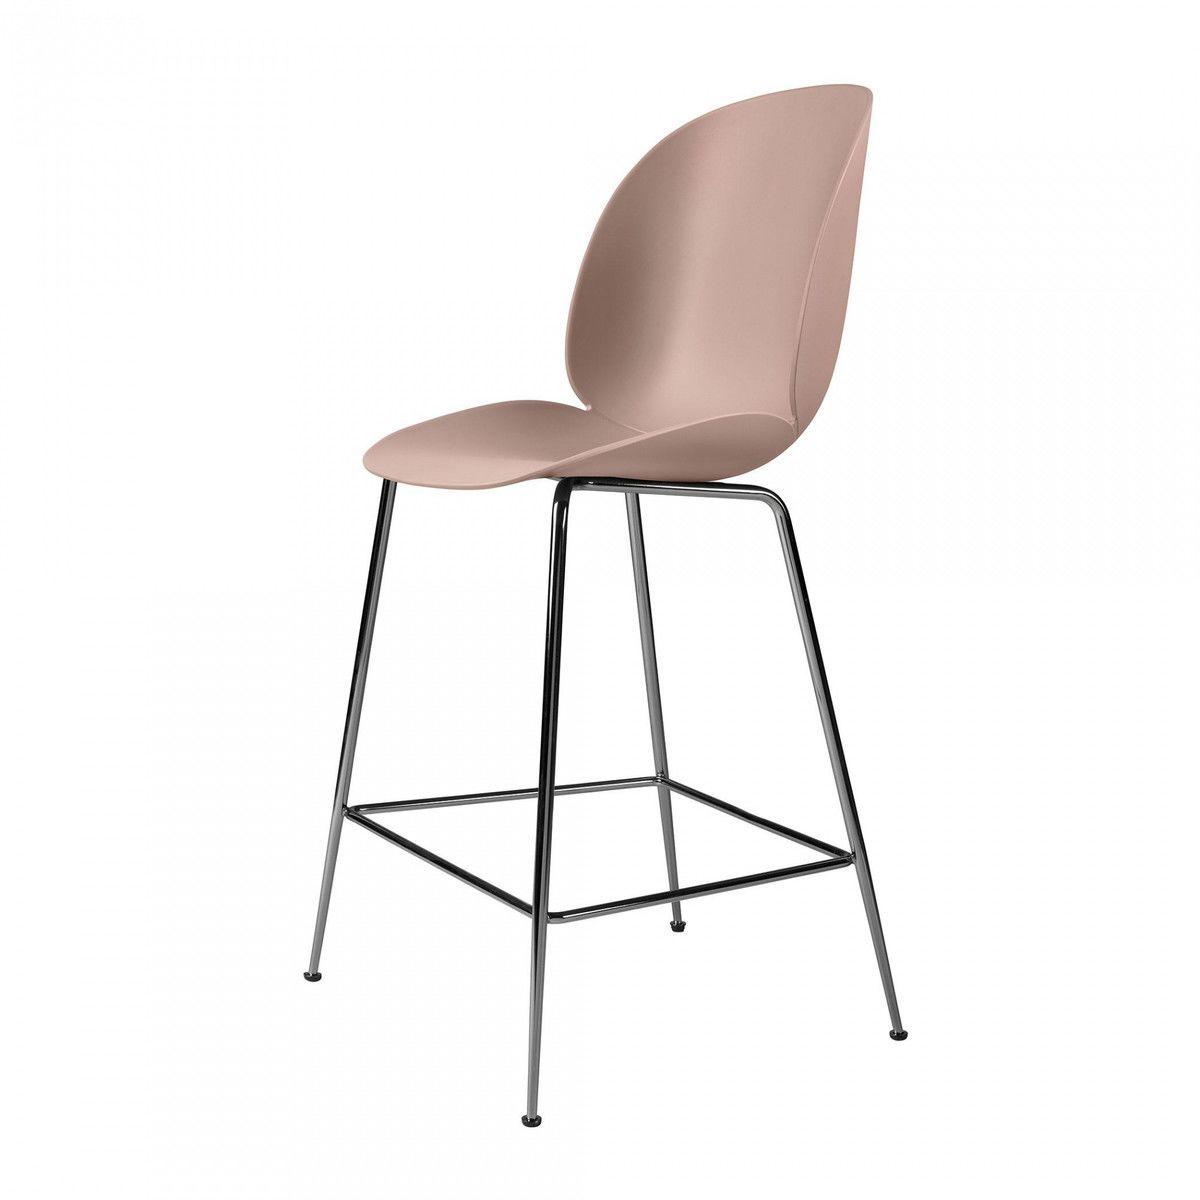 beetle counter chair barhocker chrom 108cm gubi. Black Bedroom Furniture Sets. Home Design Ideas